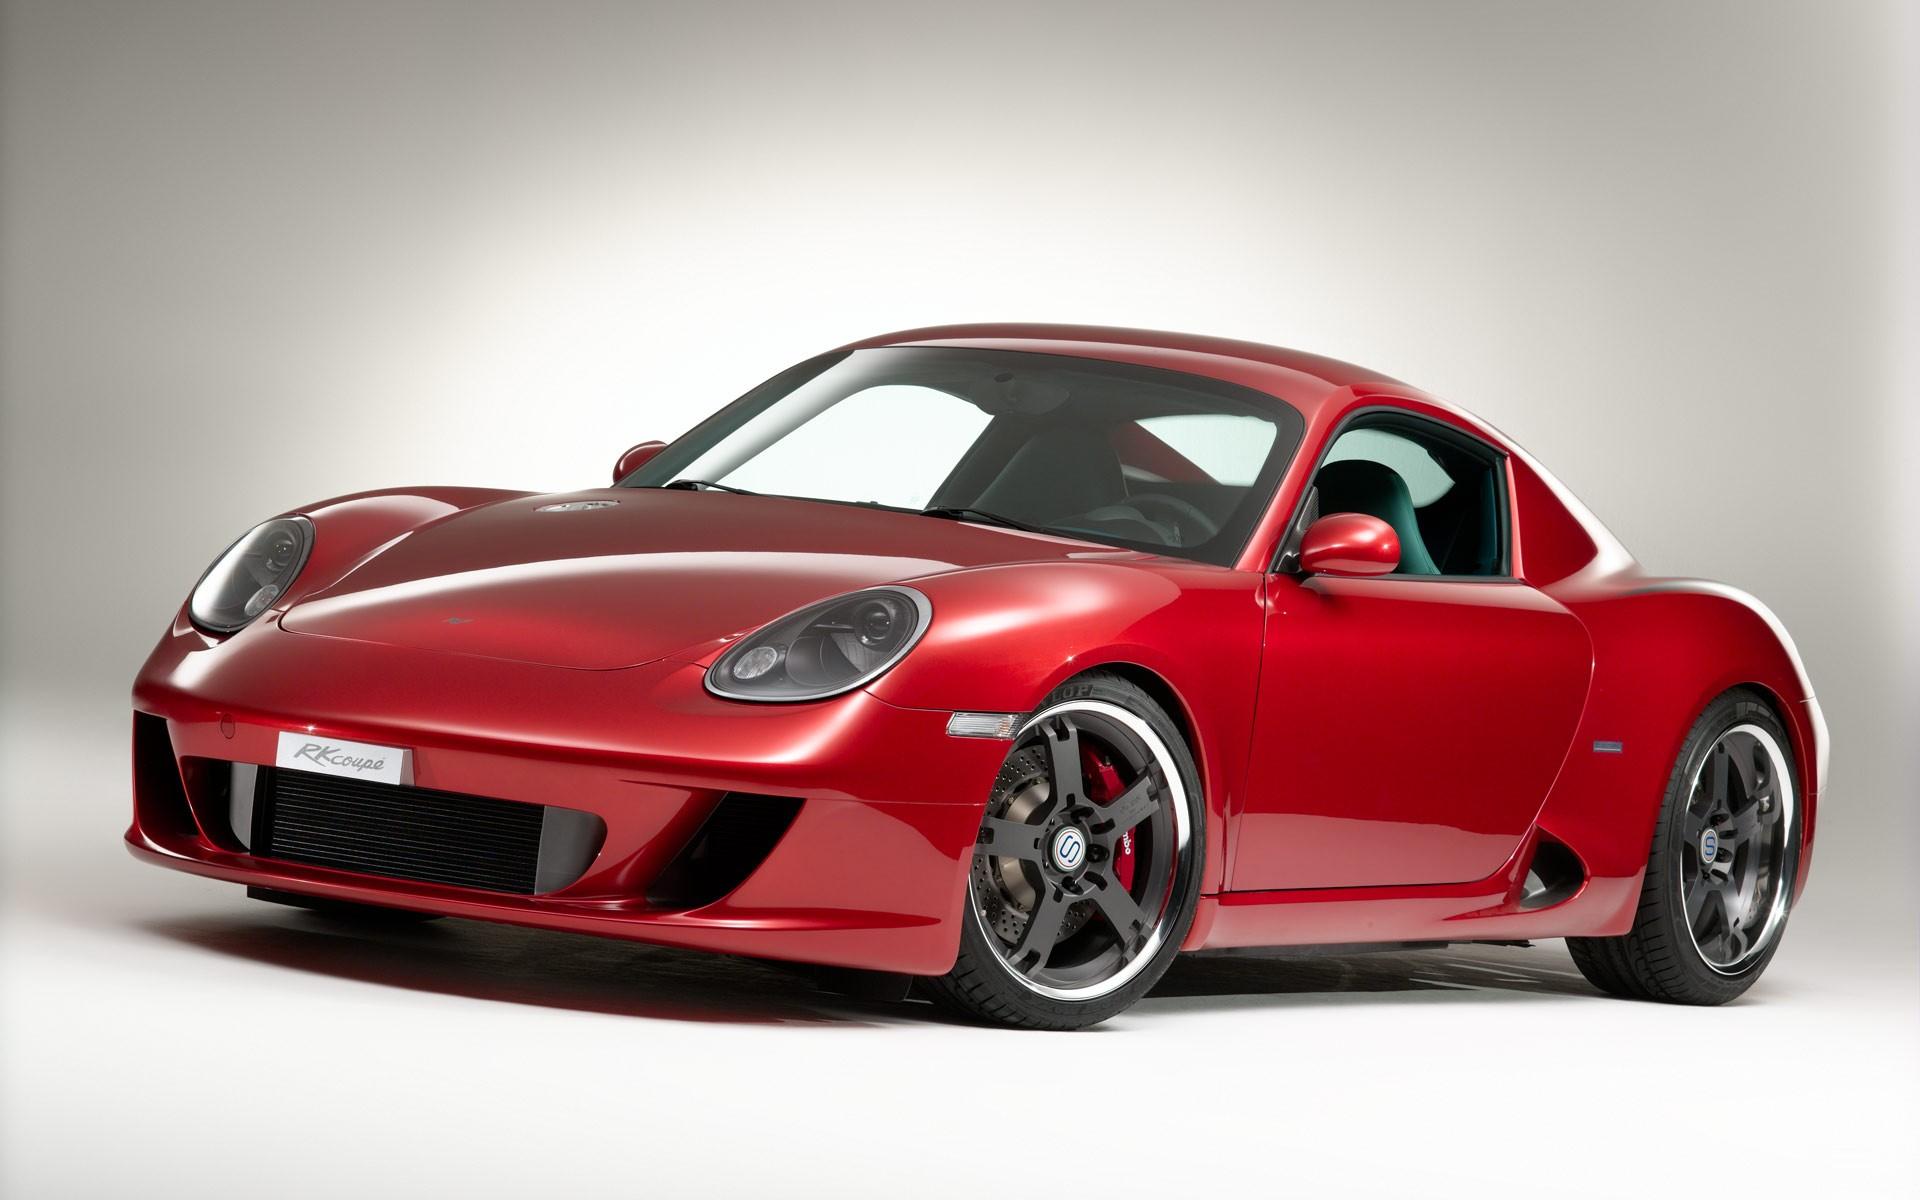 Blog auto : Avez-vous d'acheter un nouveau modèle de voiture ? Ce que je peux vous recommander